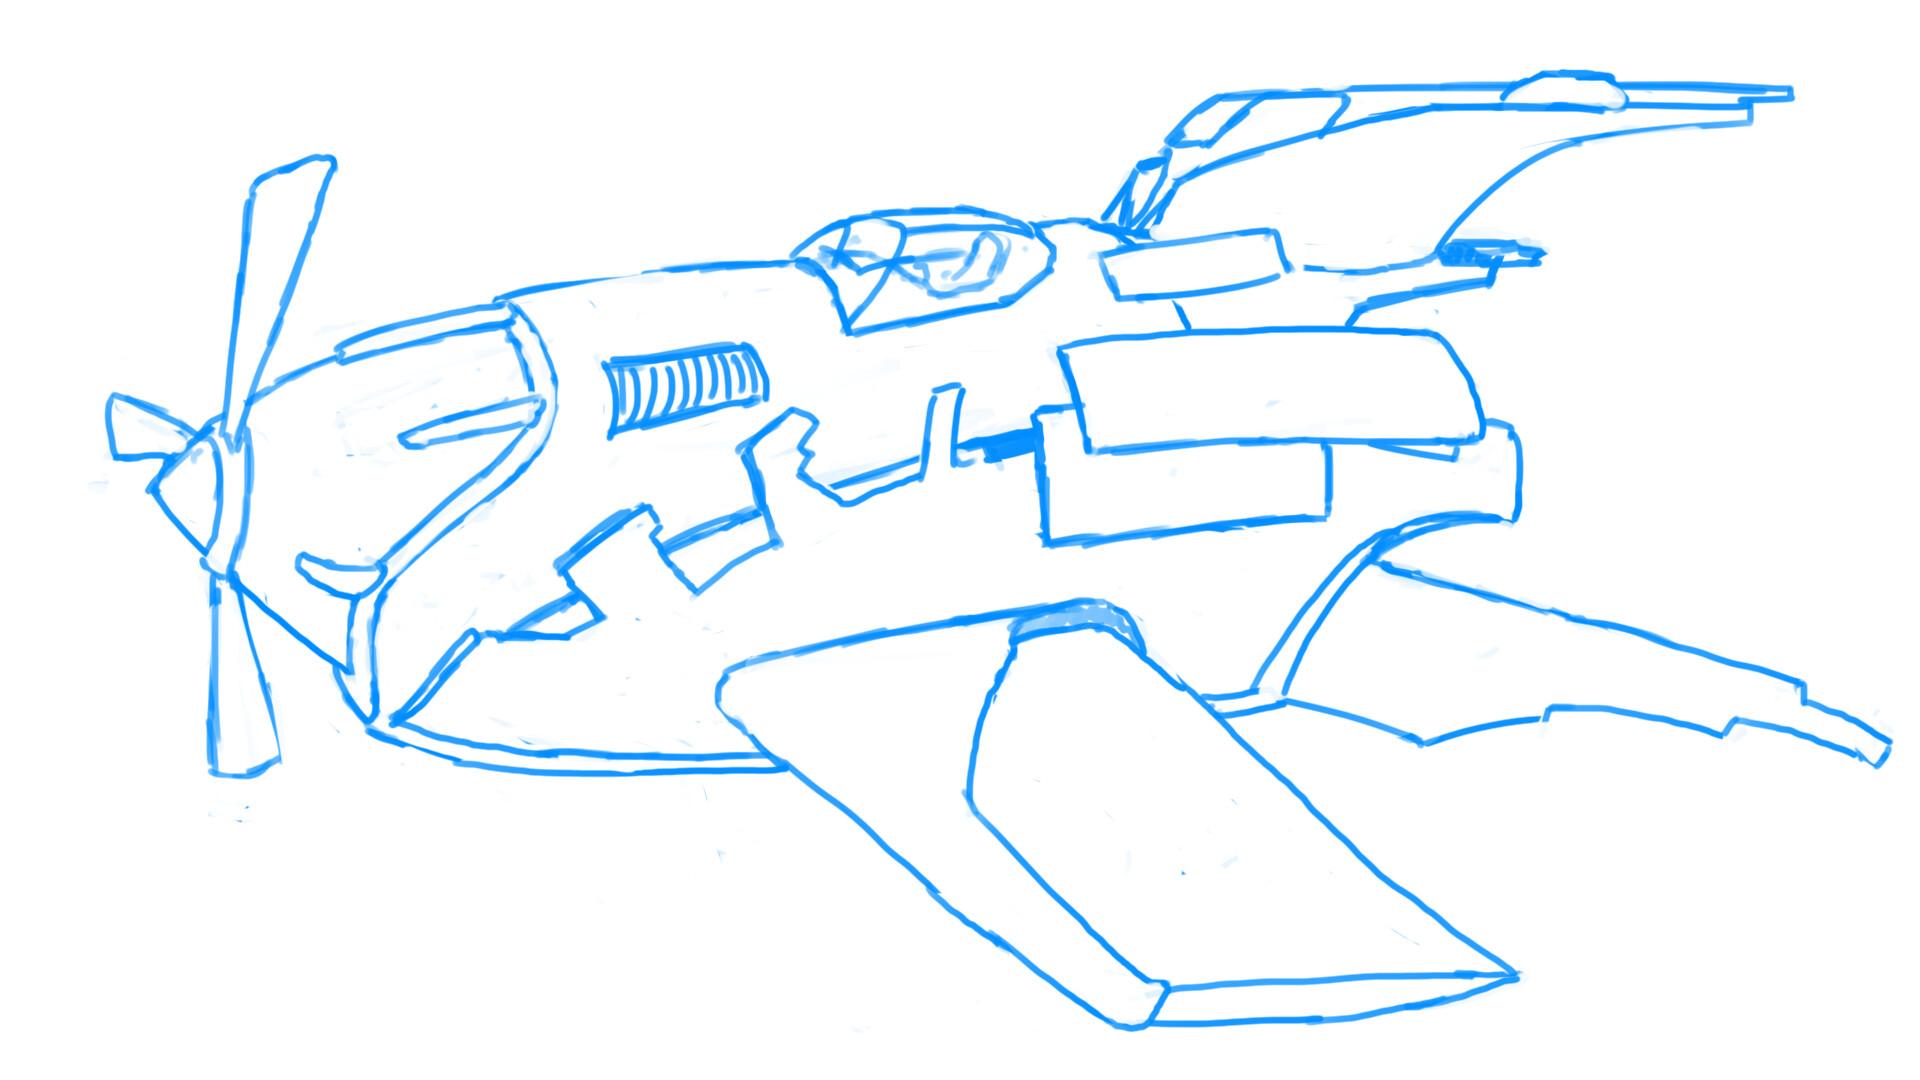 Alexander laheij drawing10 74